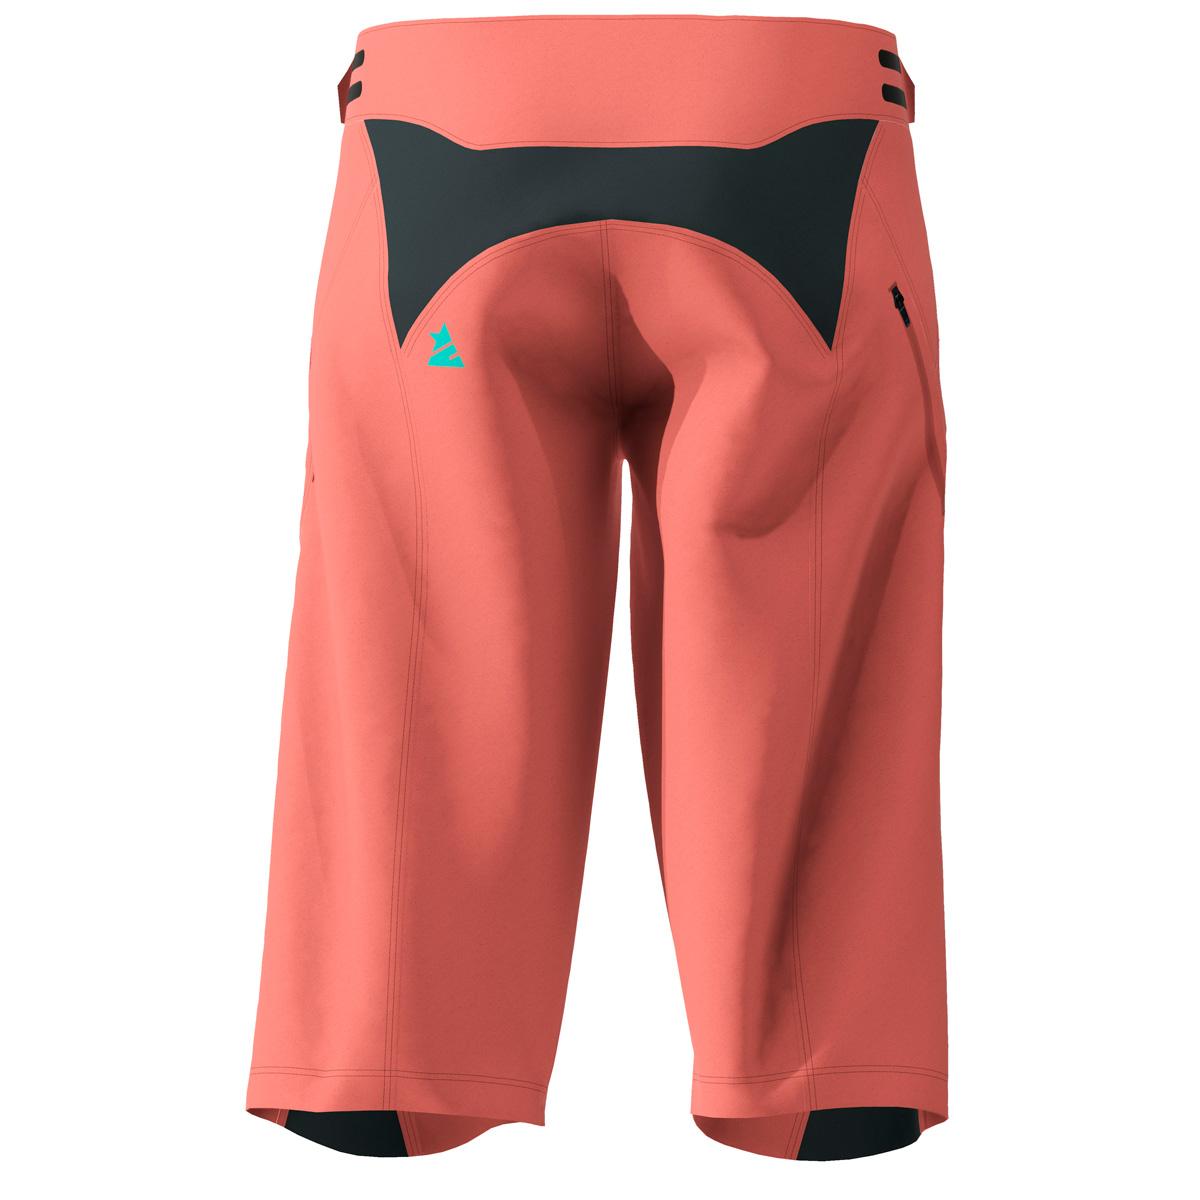 Bild von Zimtstern StarFlowz MTB-Shorts für Damen - living coral